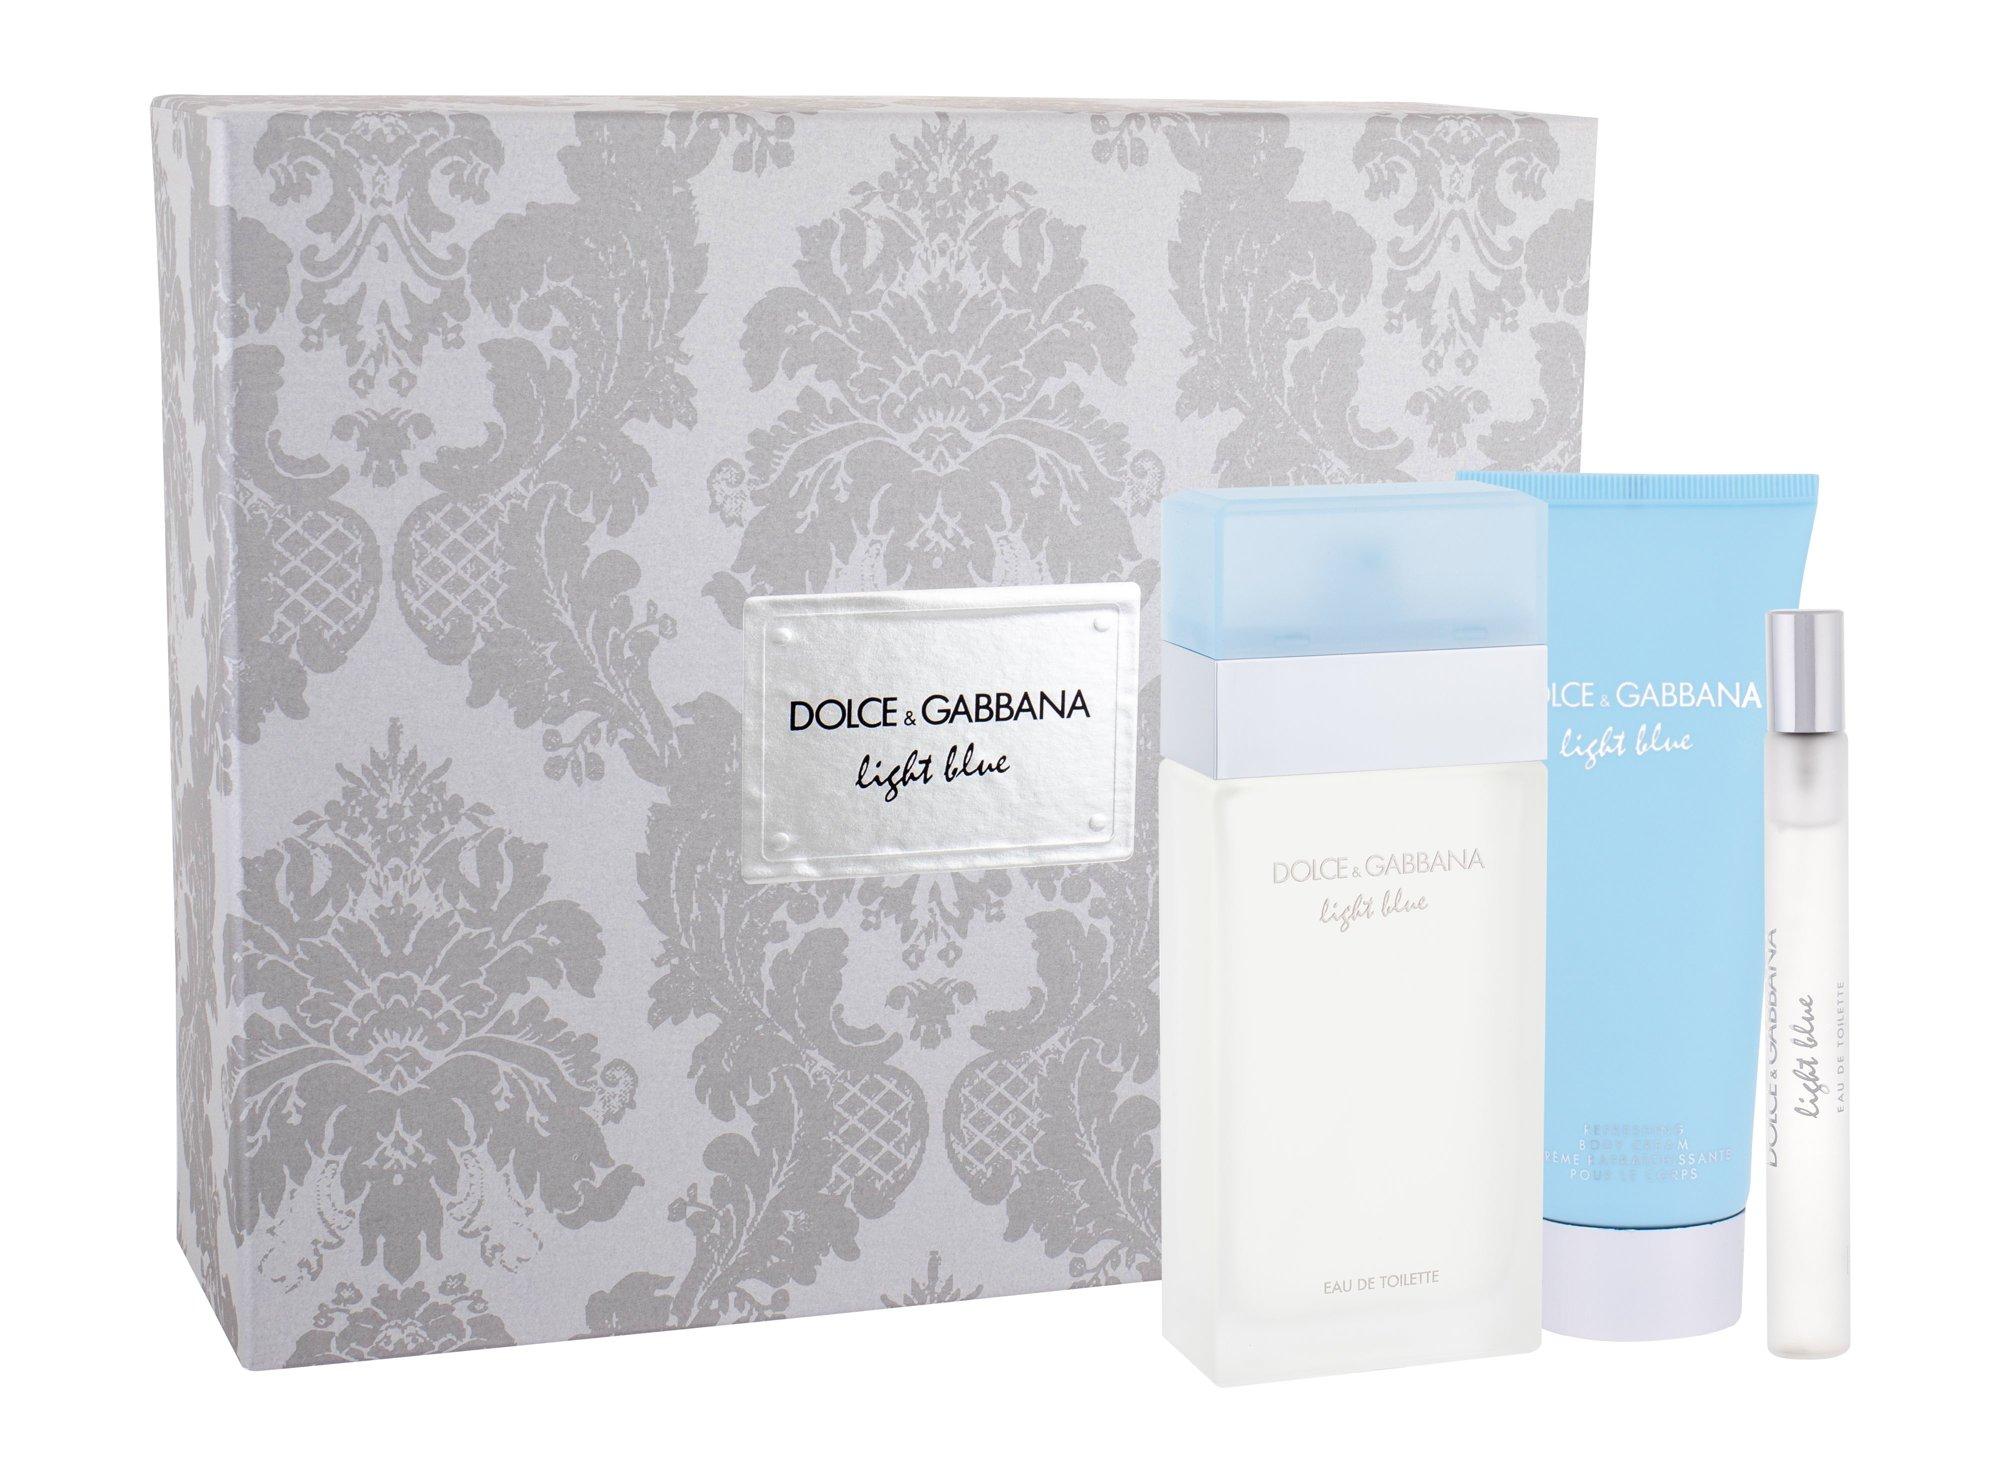 Dolce&Gabbana Light Blue W EDT 100 toaletní voda 100 ml + tělový krém 100 ml + toaletní voda 10 ml